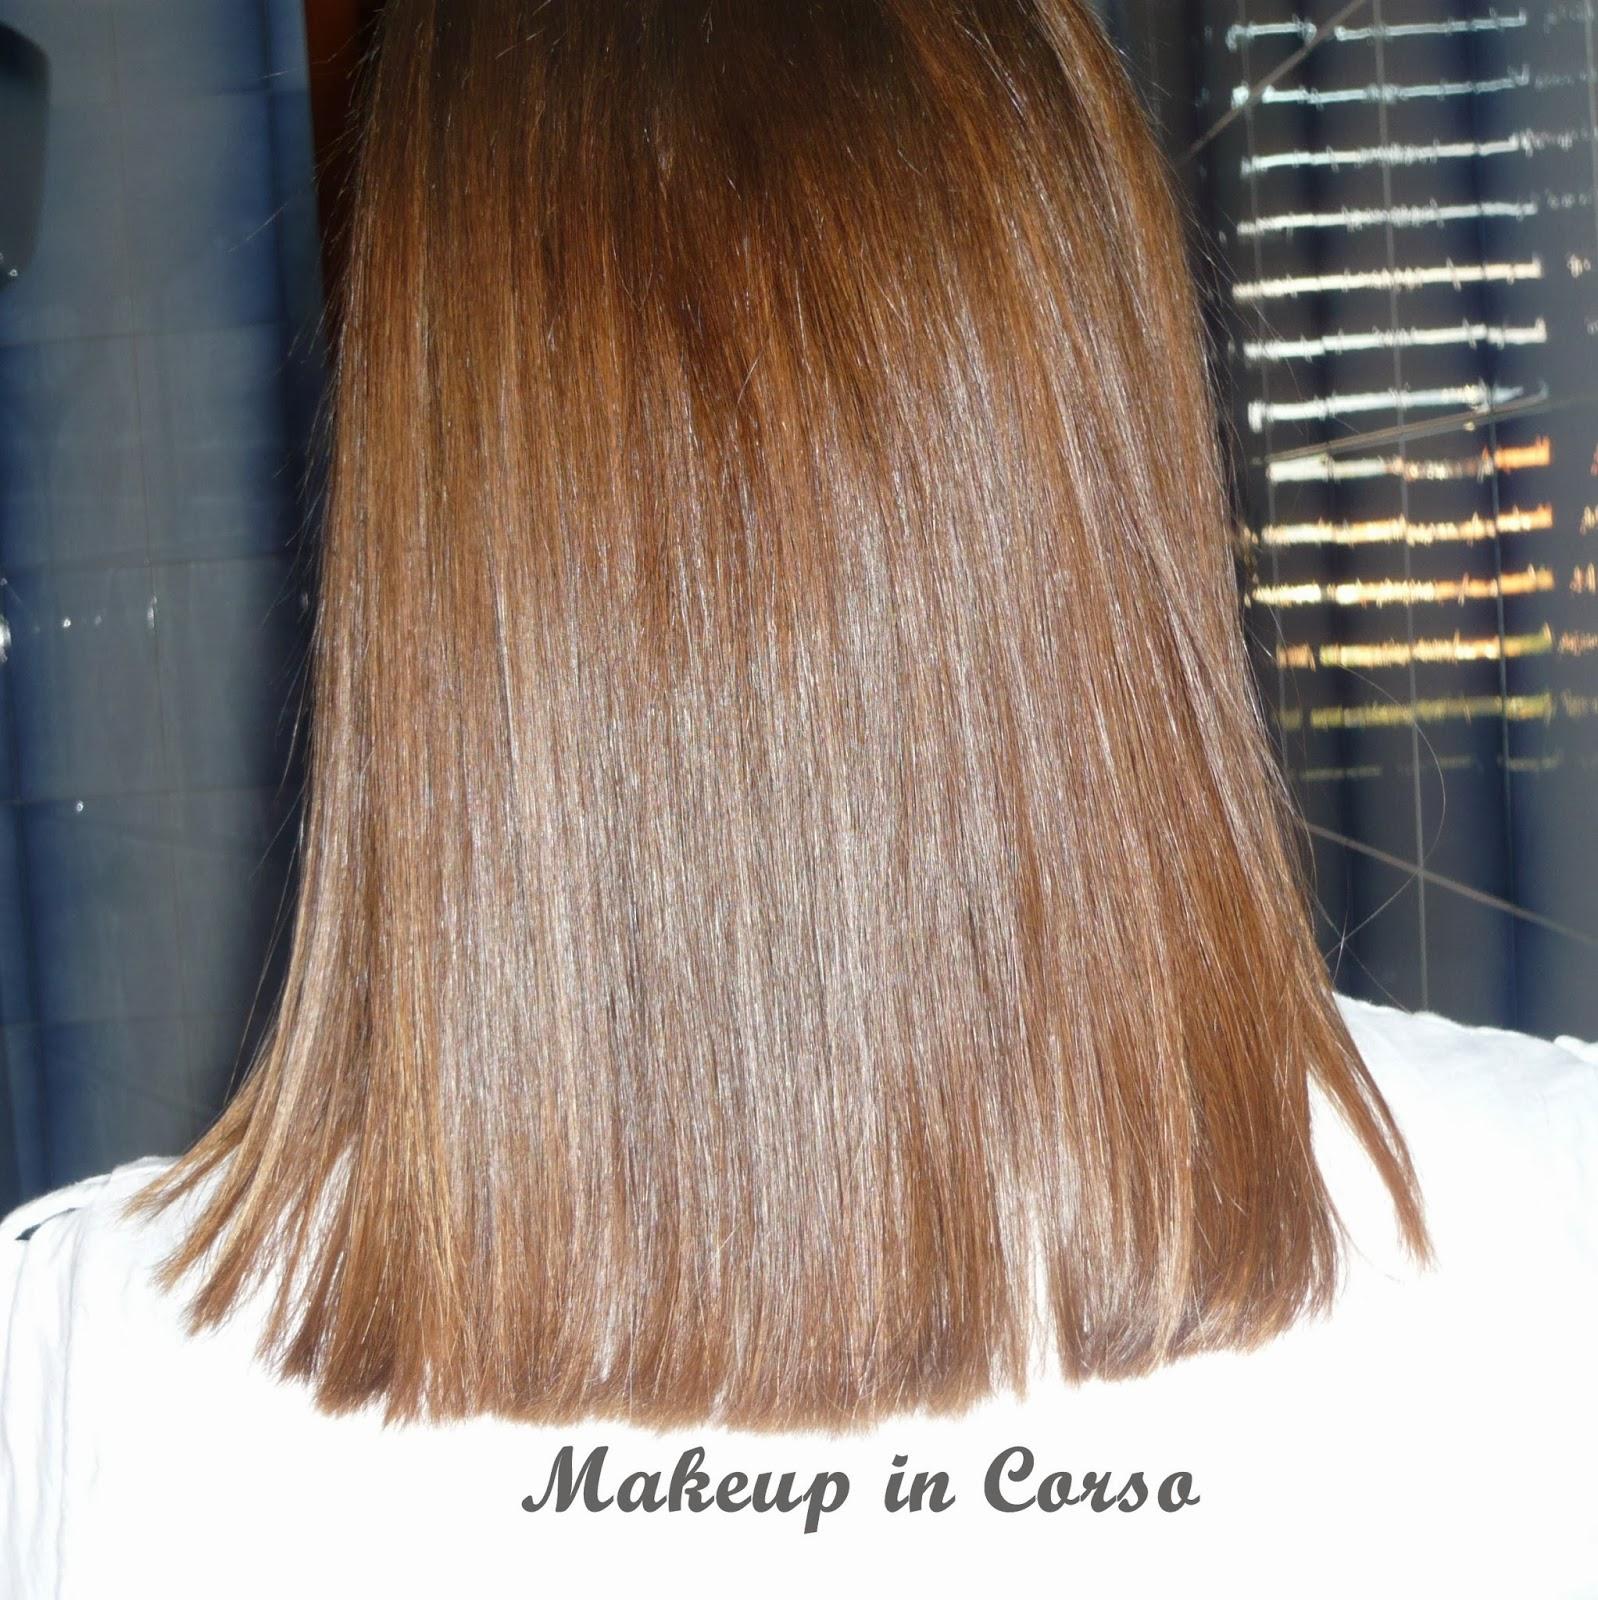 Attrezzo per tagliare i capelli da sola – Tagli di capelli popolari ... dc49fe8de682